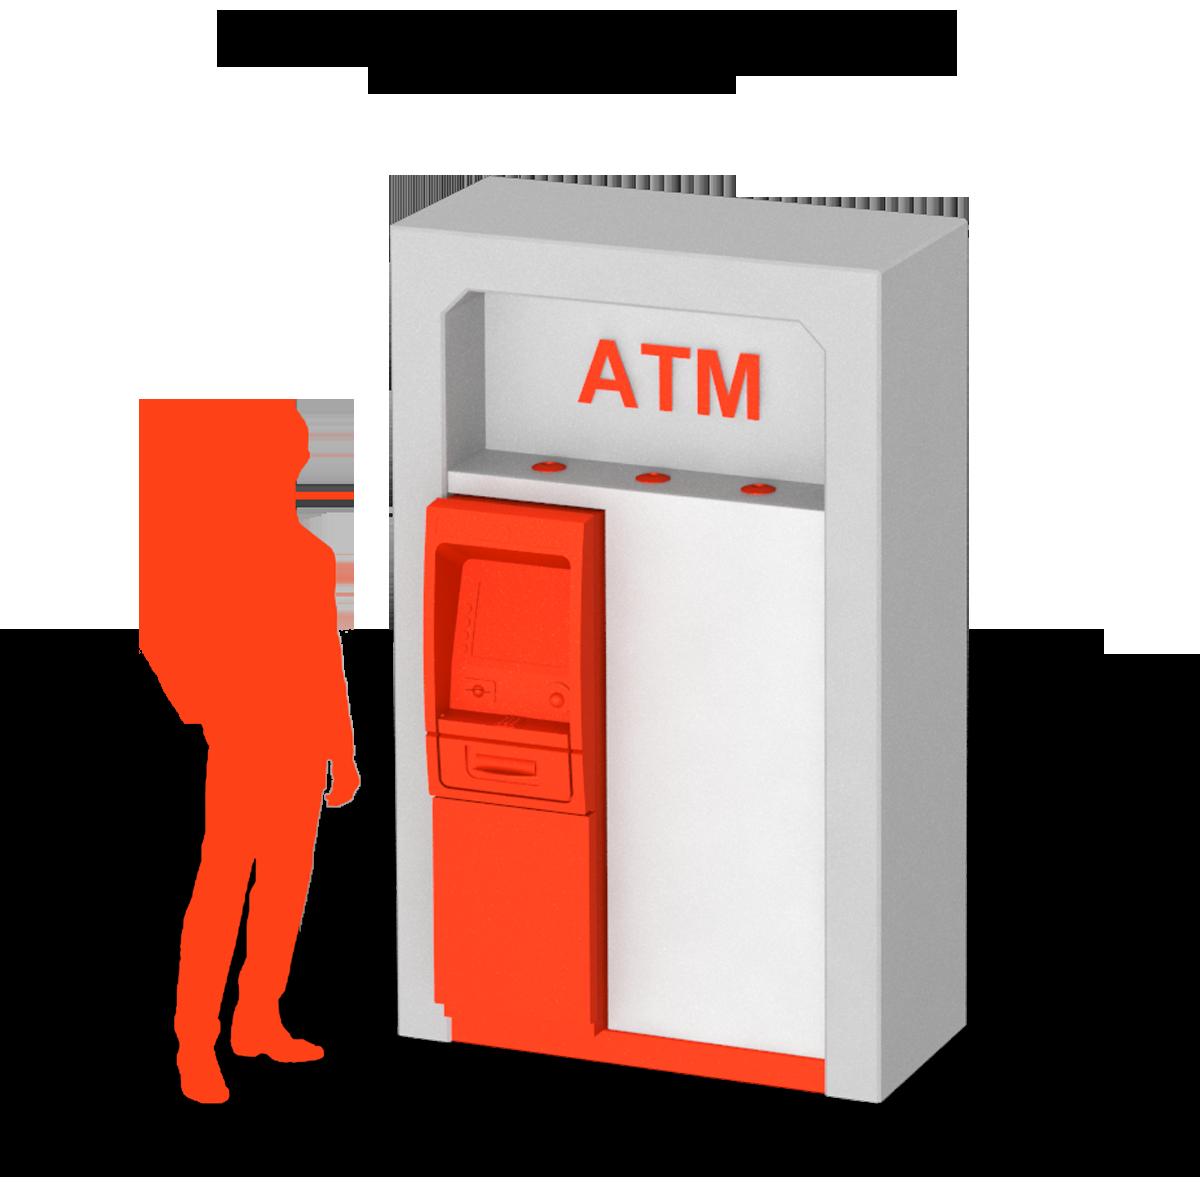 ATM Square